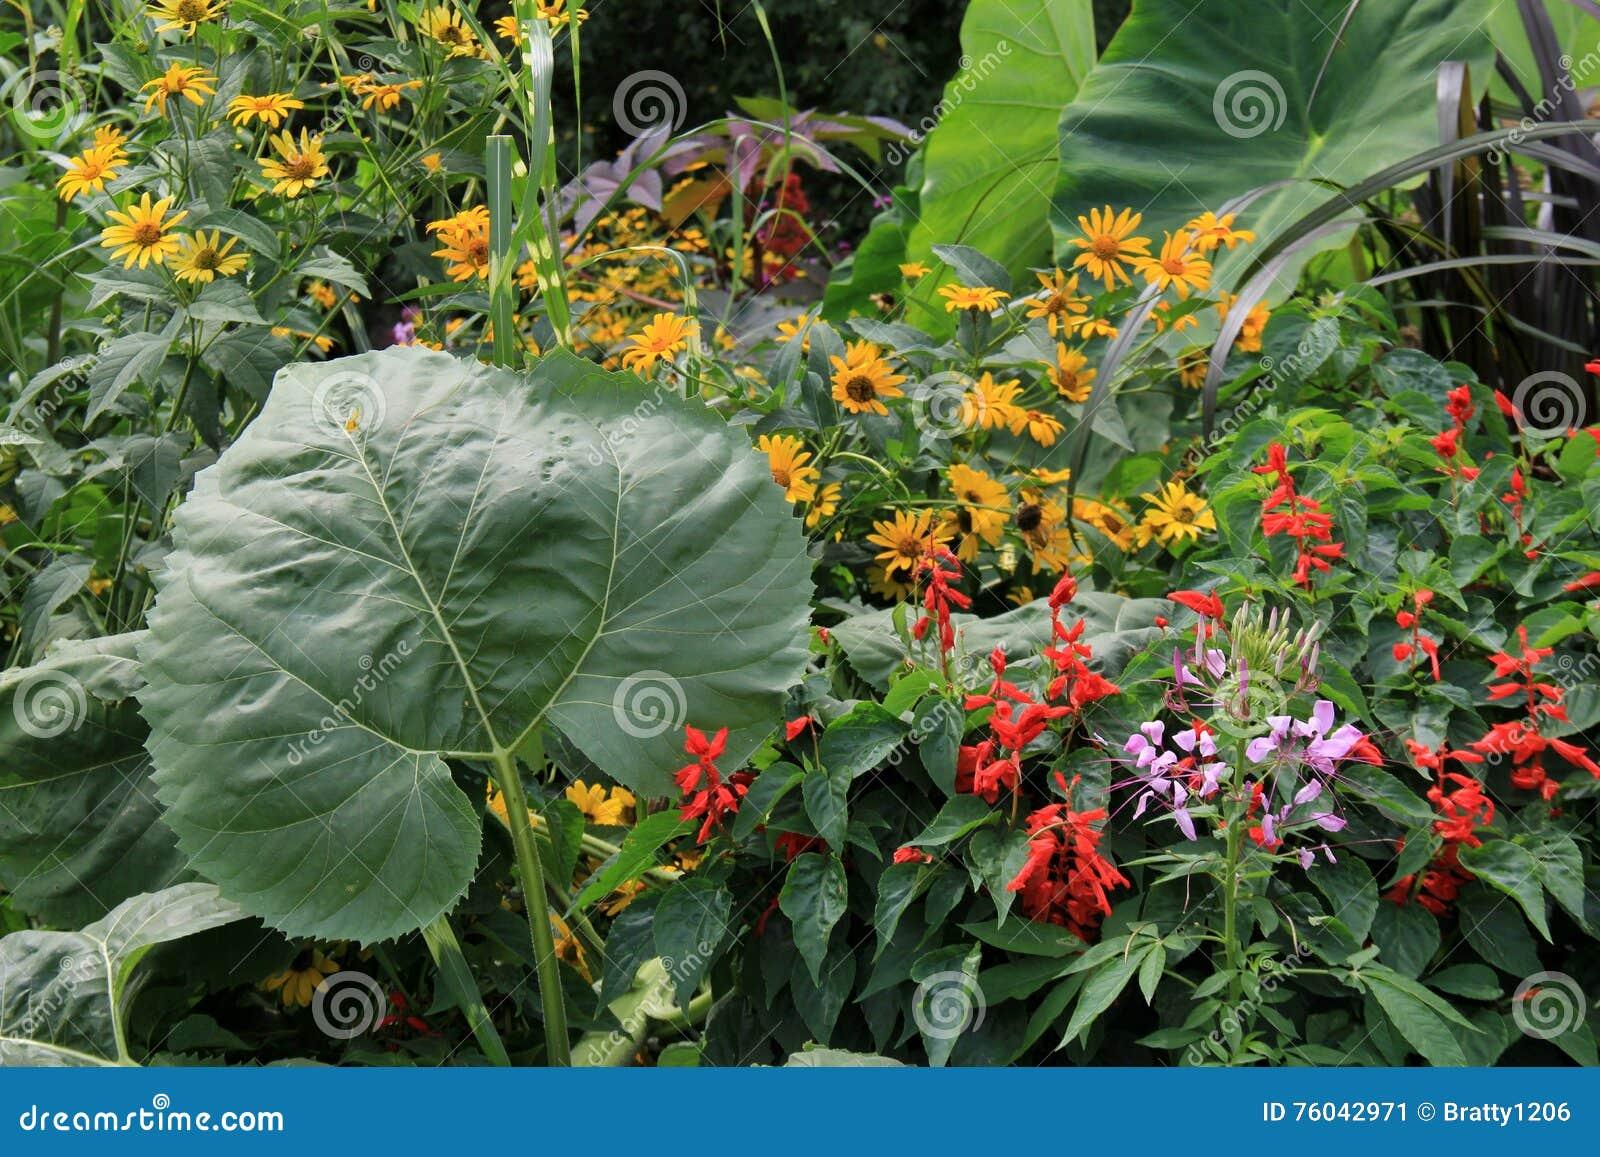 Paysage Renversant Des Fleurs Et Des Plantes Magnifiques Image Stock